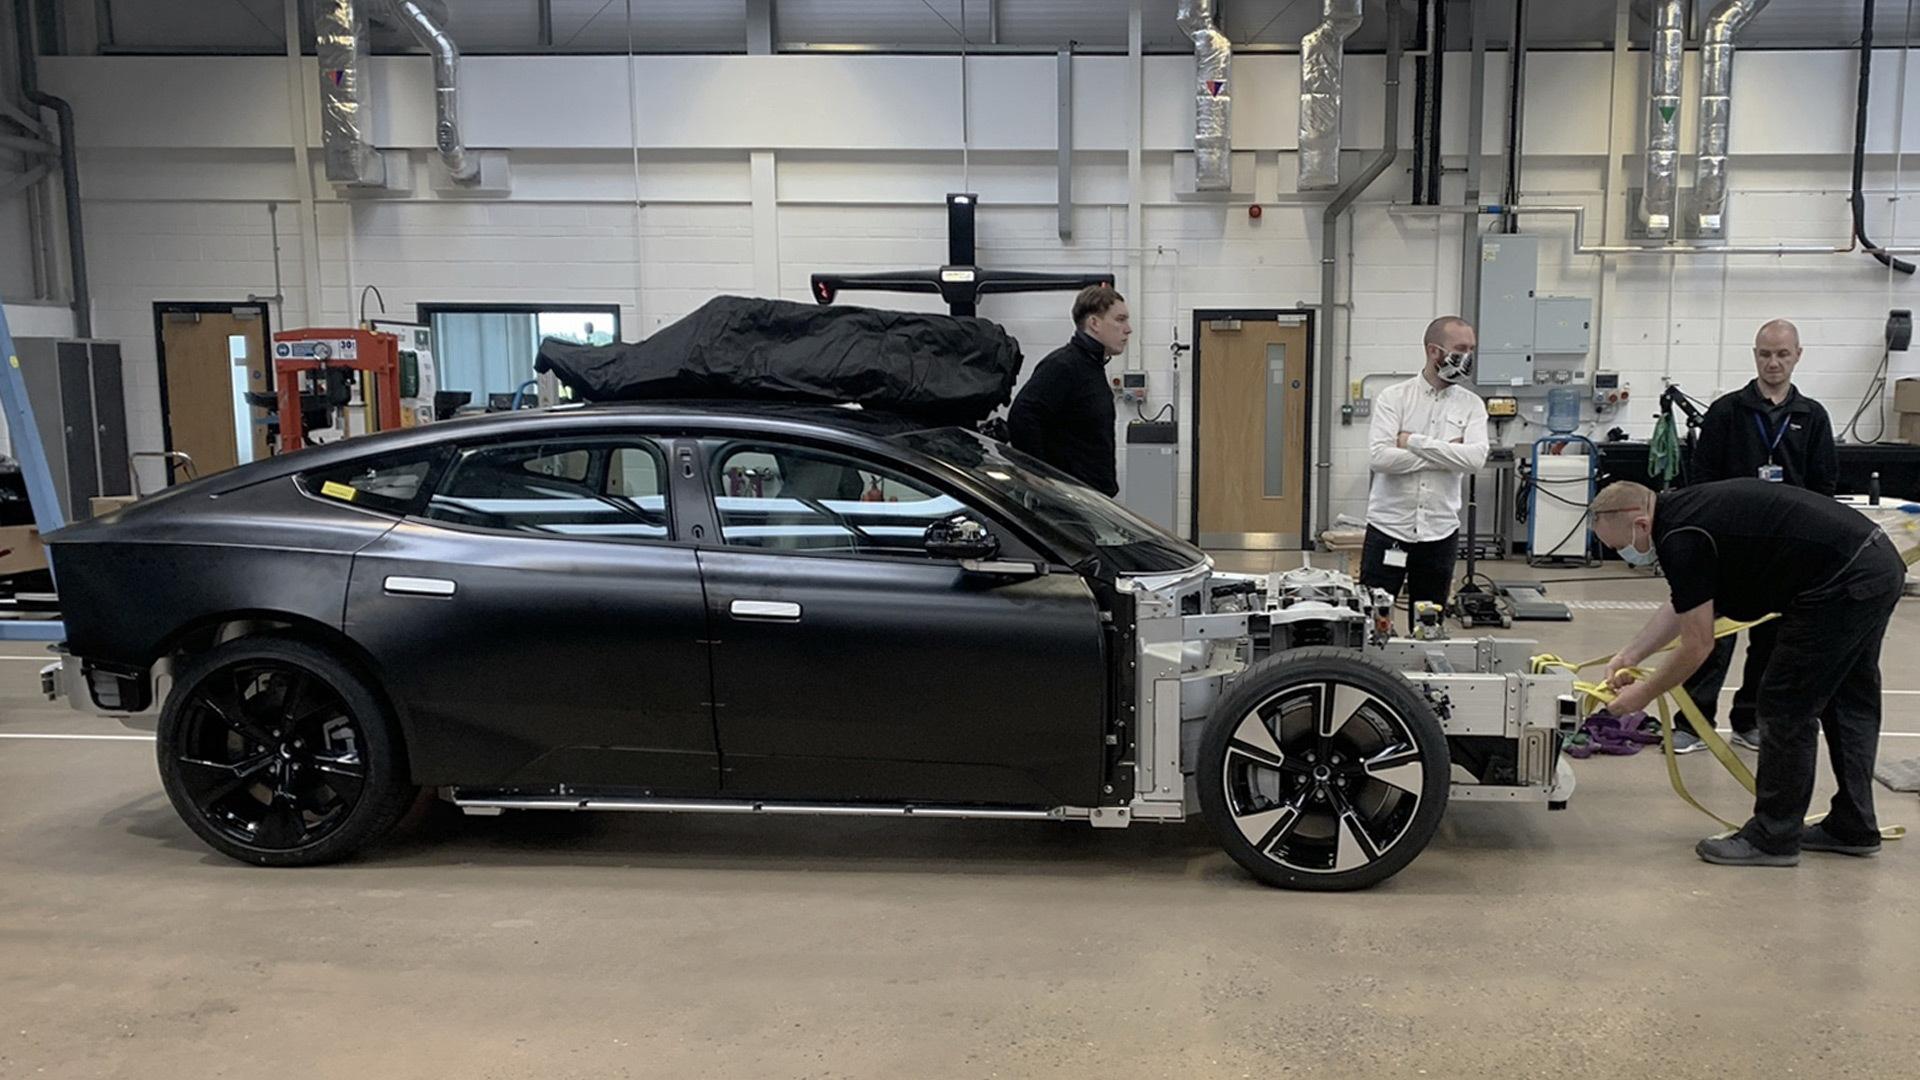 Polestar Precept prototype - September 2021